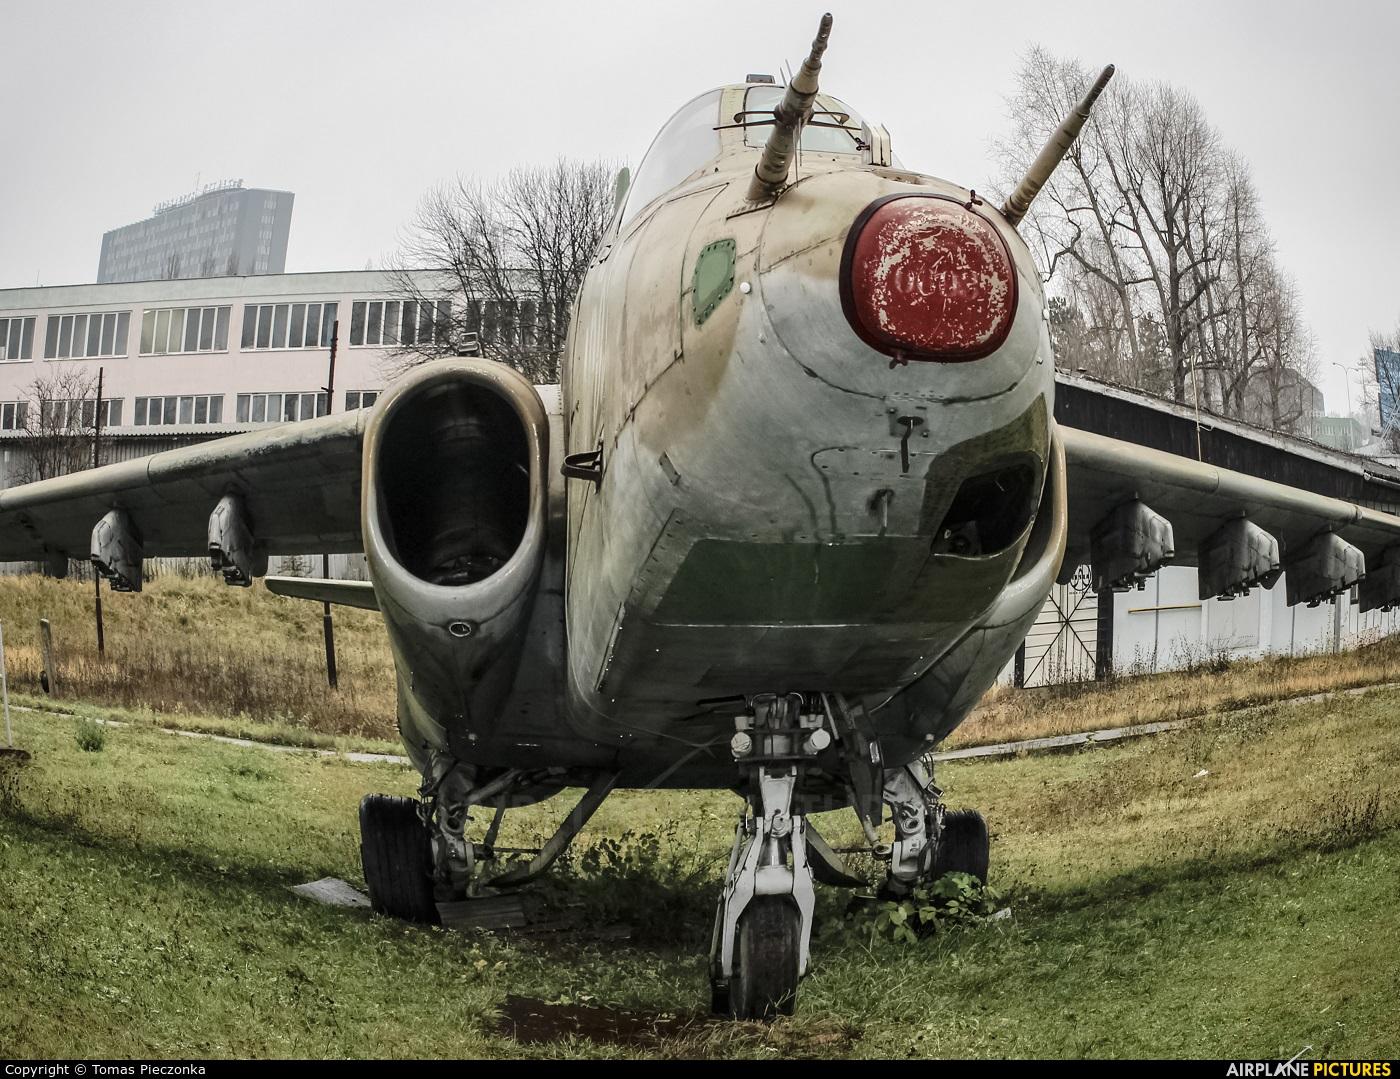 Czech - Air Force 1003 aircraft at Off Airport - Czech Republic